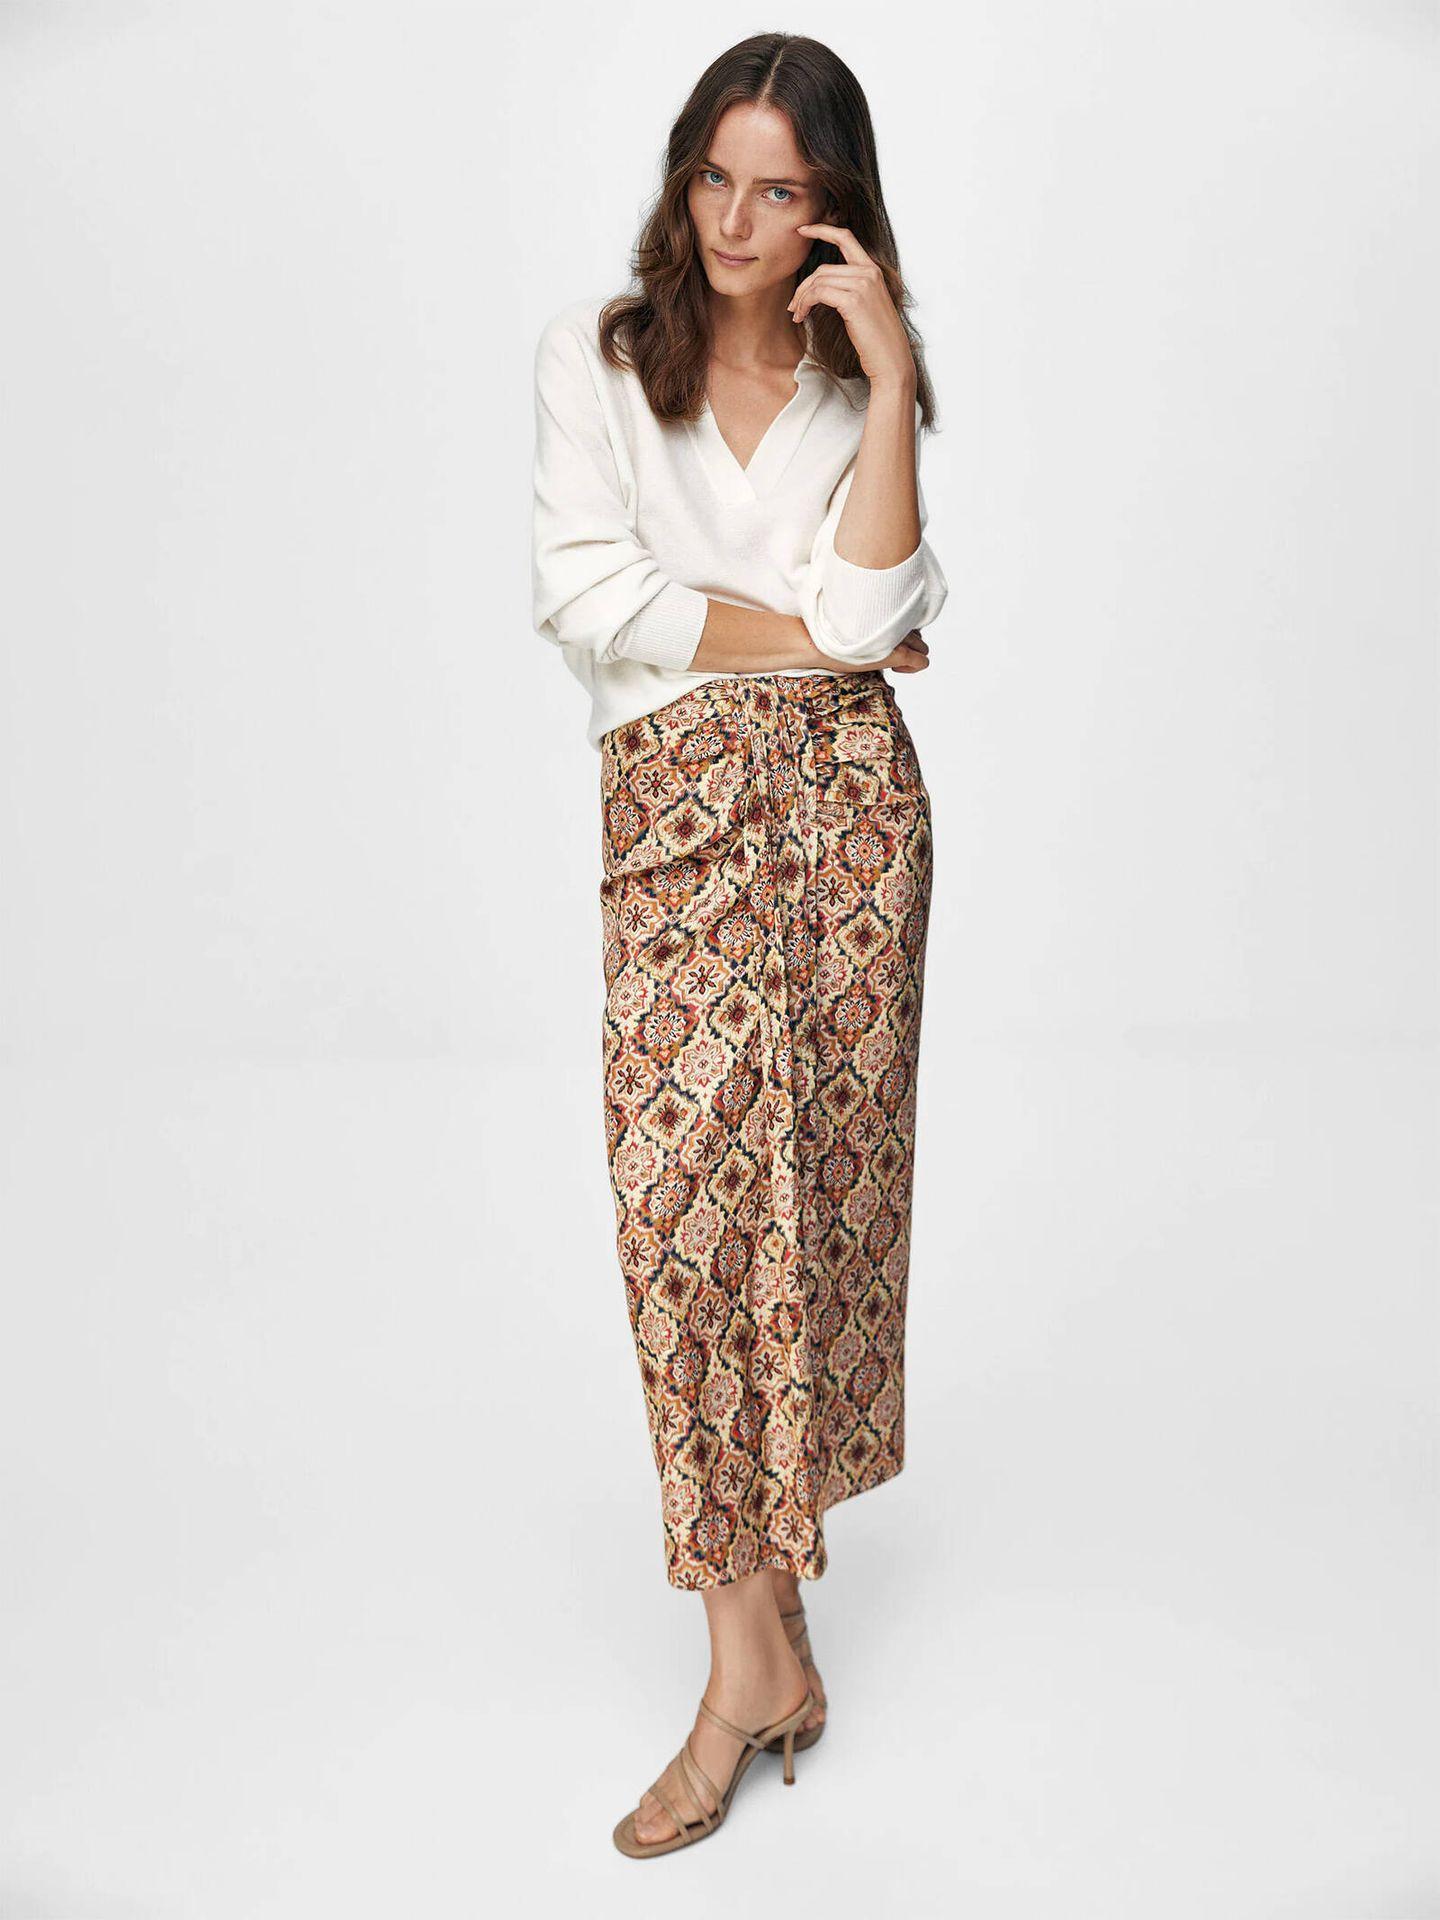 Una de las faldas de Massimo Dutti ideales para la vuelta al trabajo. (Cortesía)